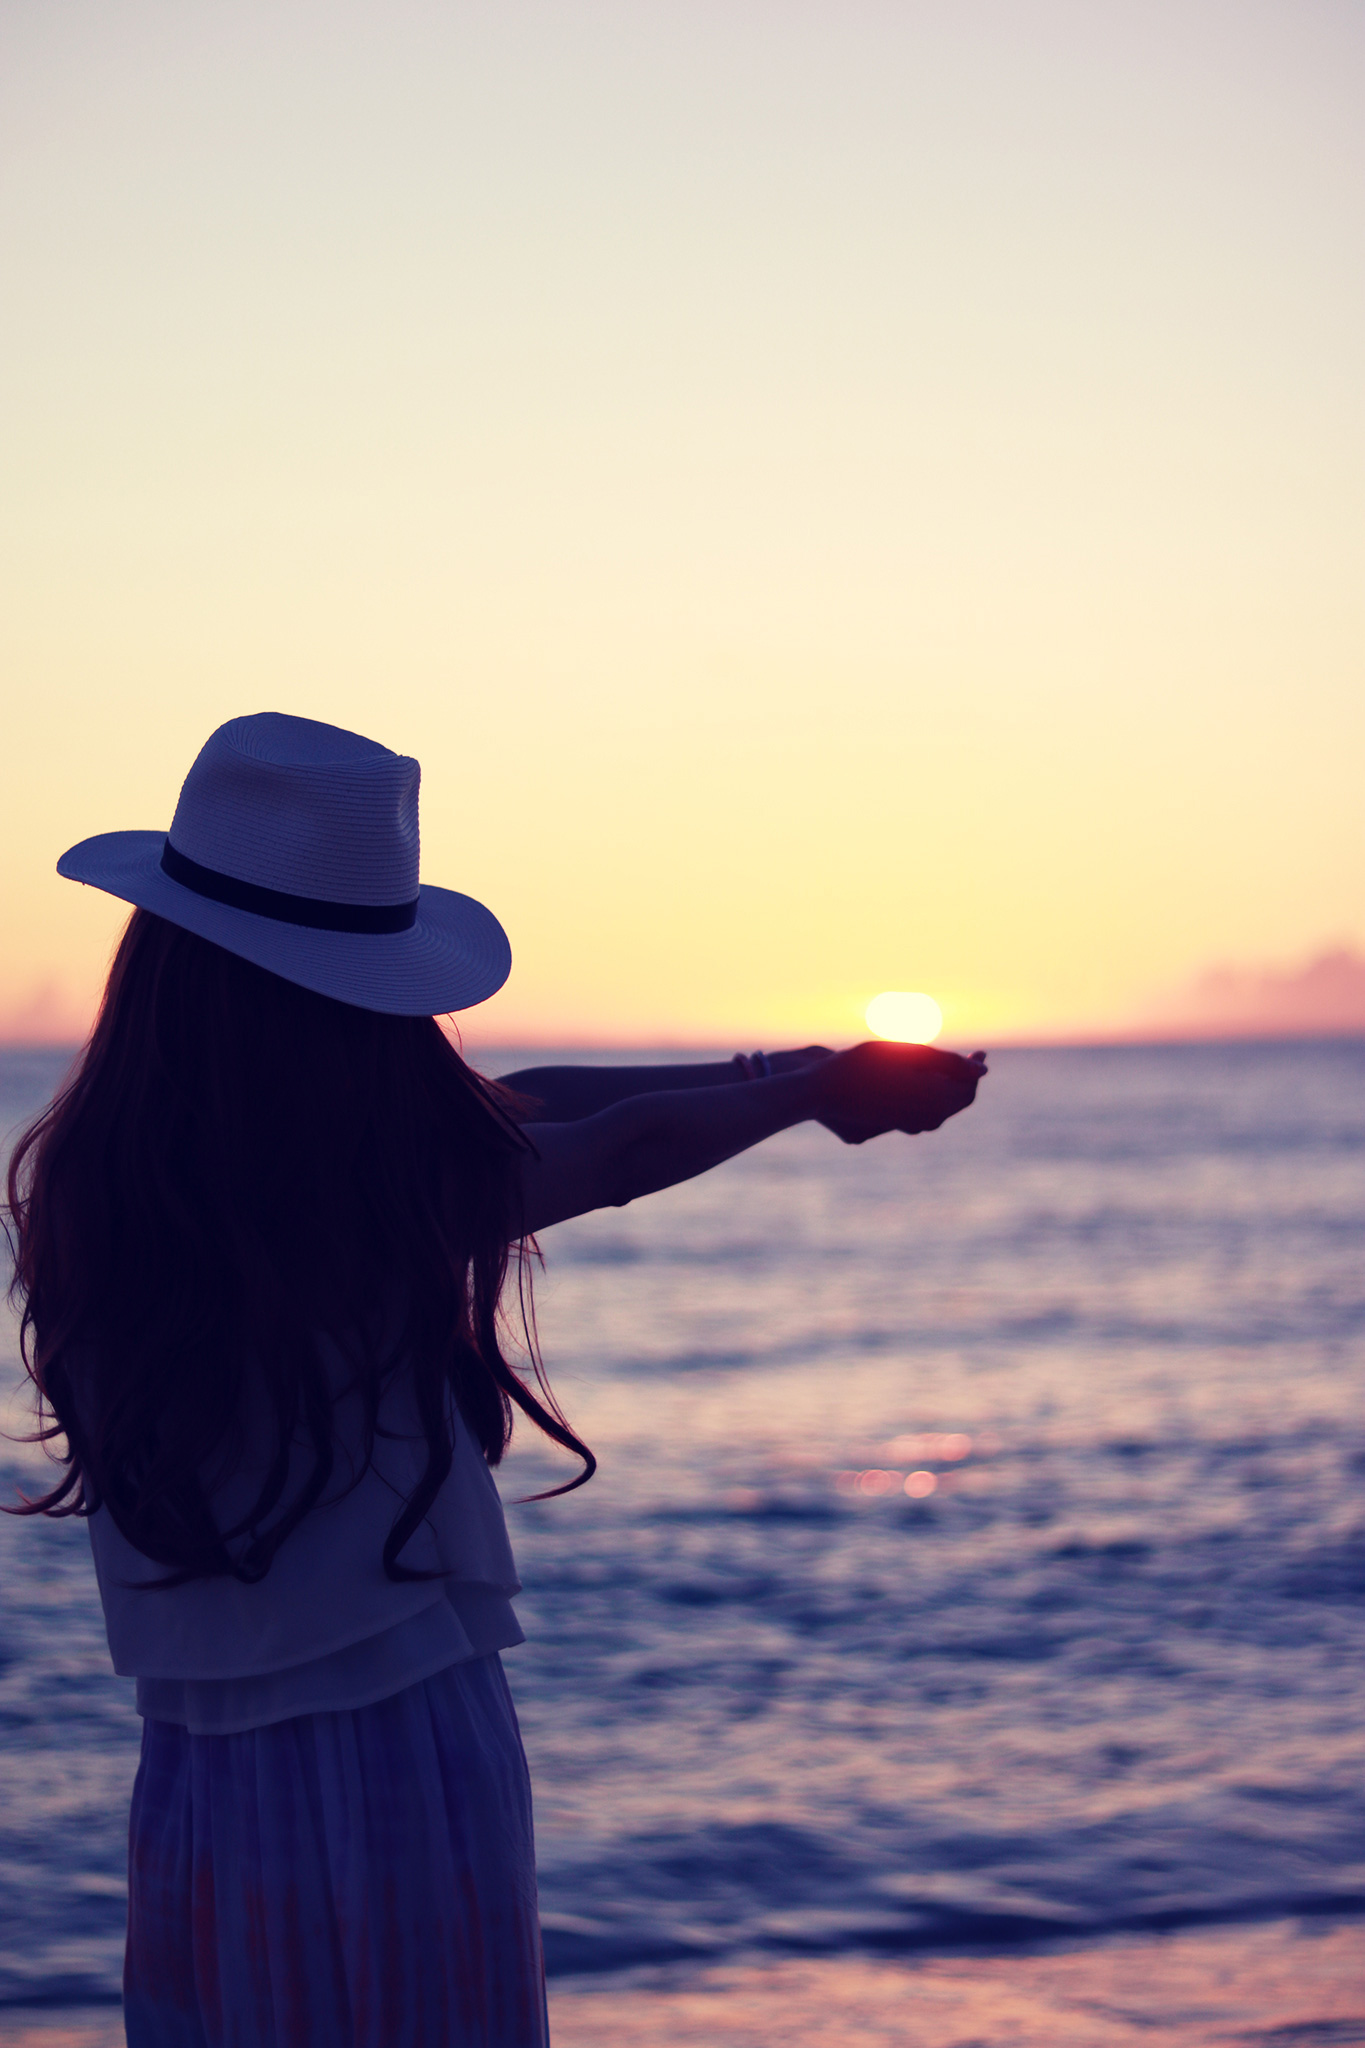 幸せ、幸せを掴む、解放、本来の自分、本当の自分